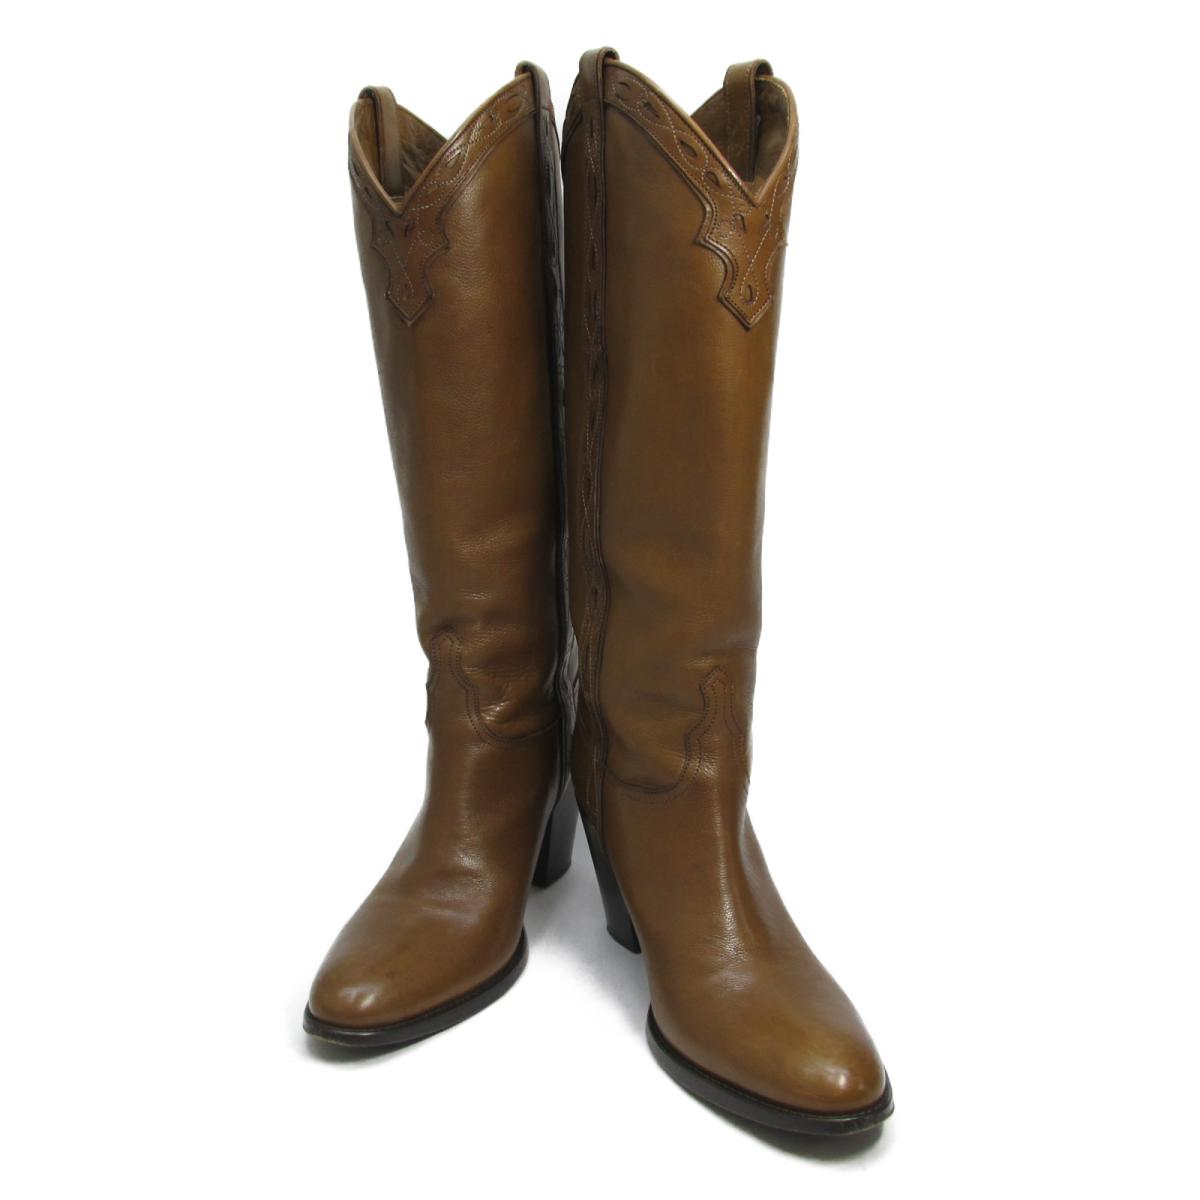 【中古】 セレクション SARTORE ブーツ レディース レザー キャメル | SELECTION くつ 靴 SARTORE ブーツ 美品 ブランドオフ BRANDOFF